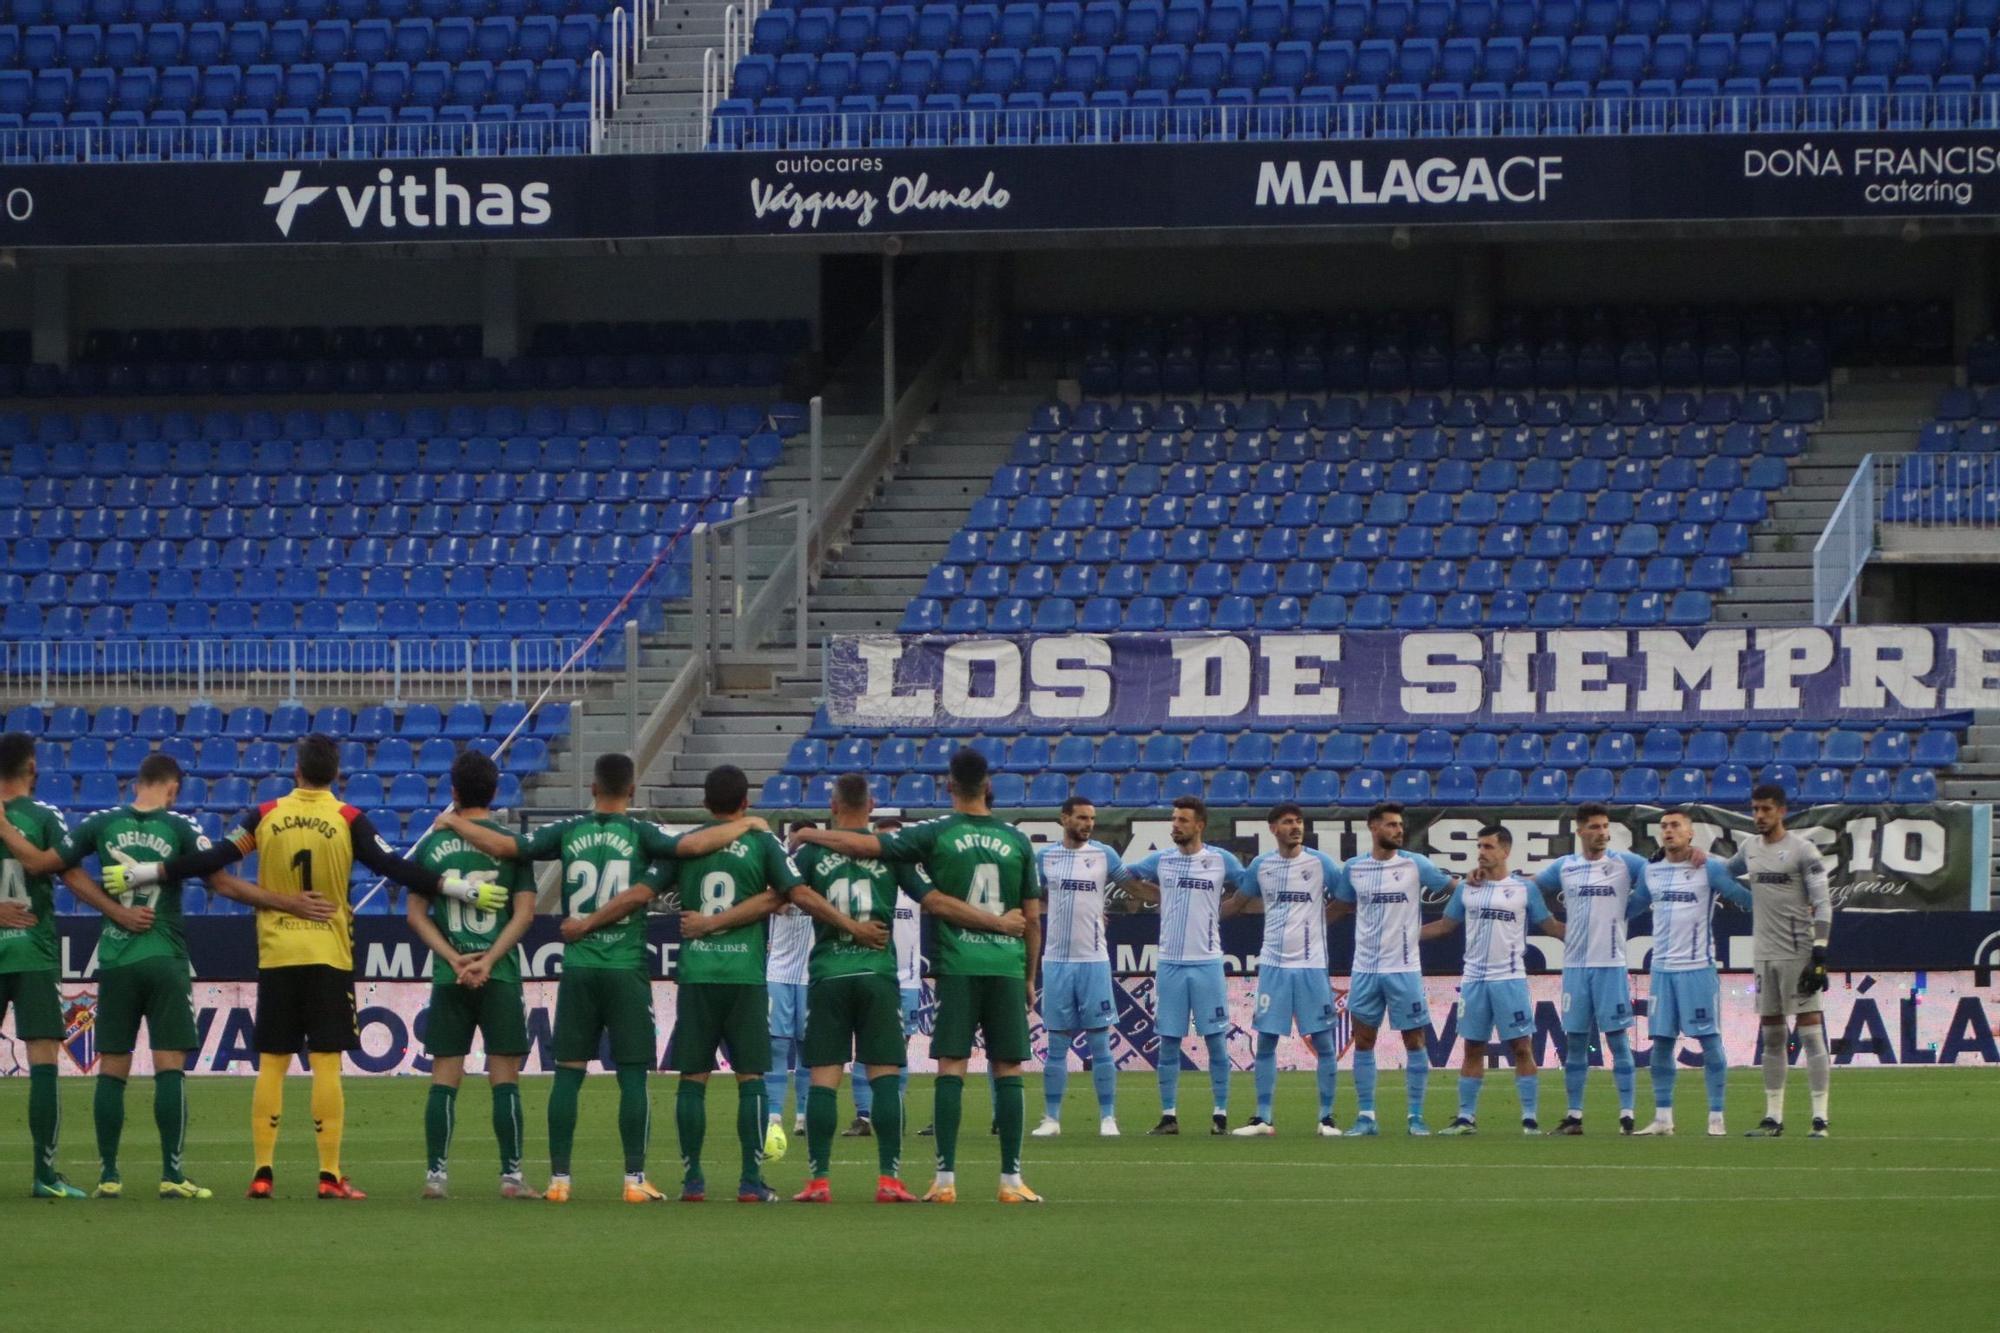 LaLiga SmartBank | Málaga CF - CD Castellón